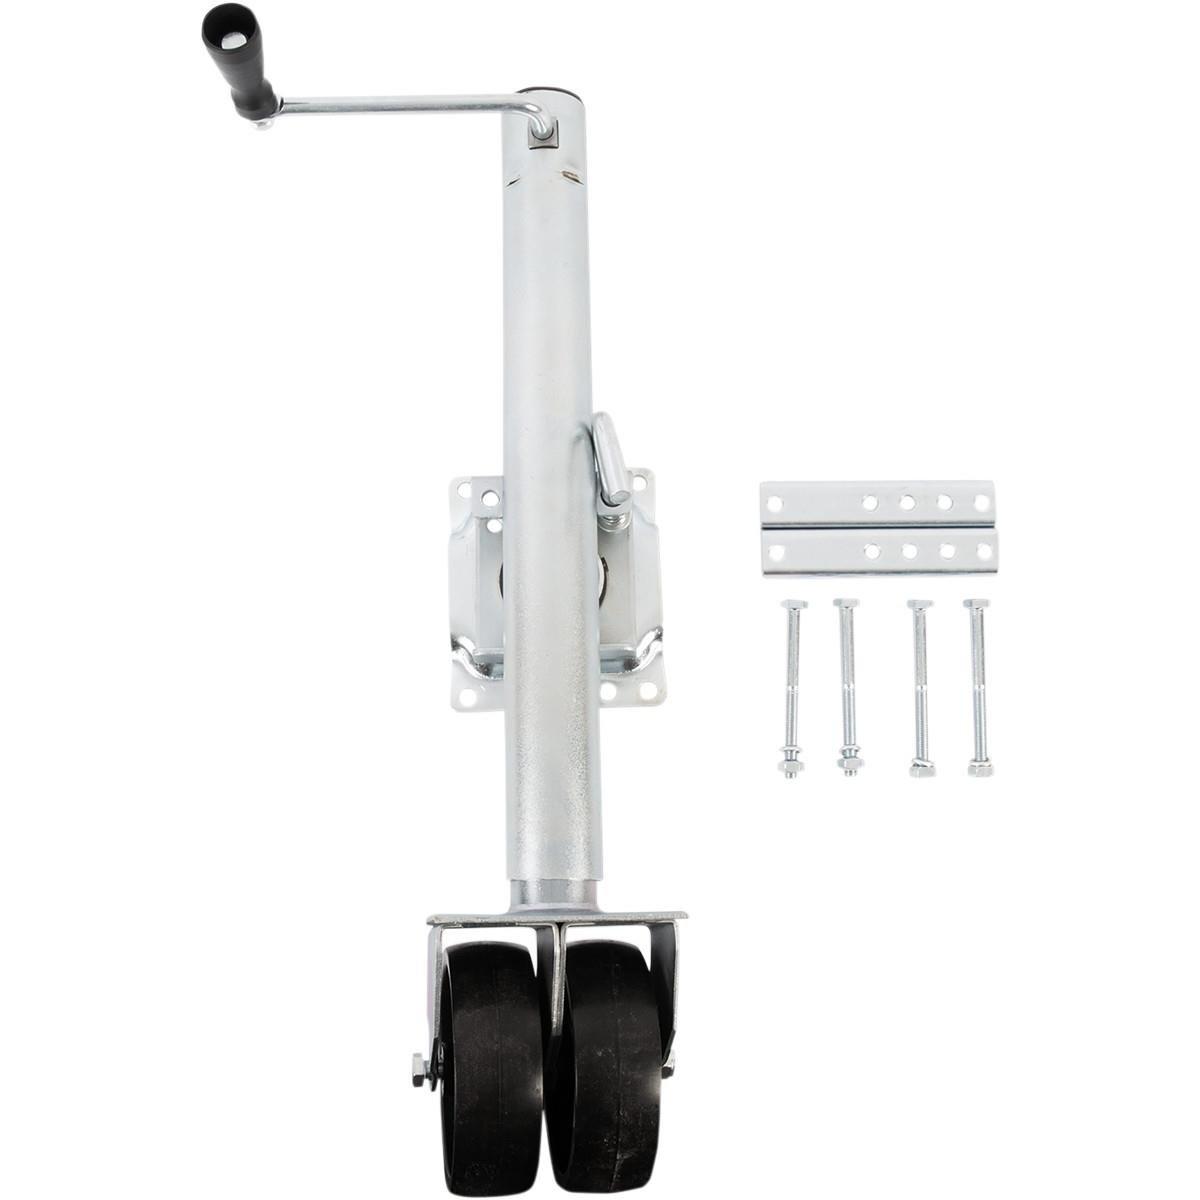 910kg KIMPEX Dual Wheel Swivel Jack   B01K2E3WNA